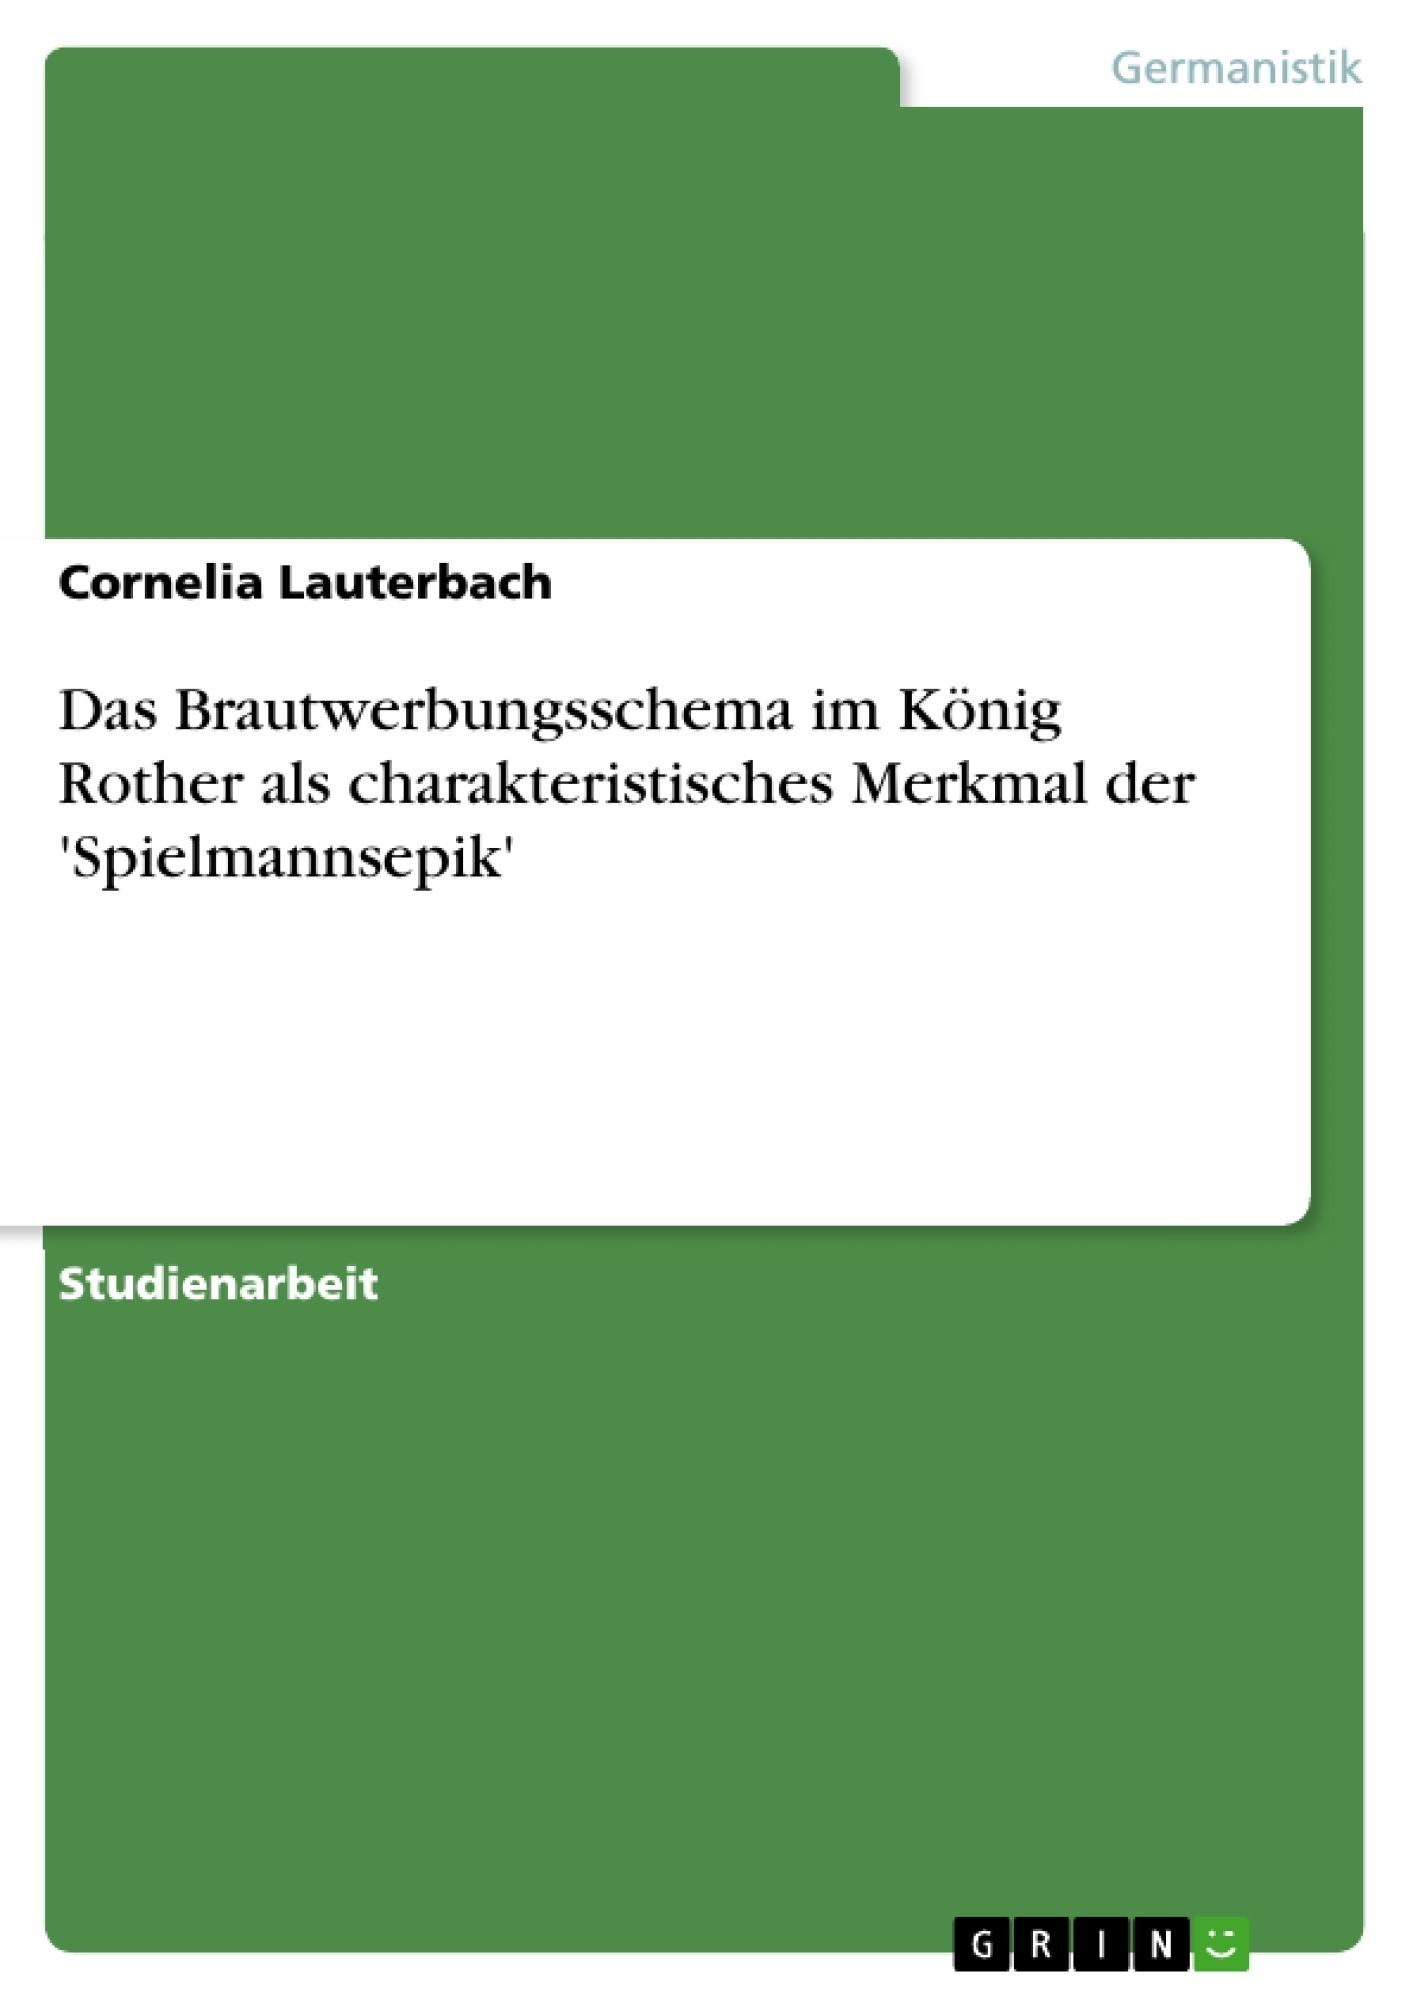 Titel: Das Brautwerbungsschema im König Rother als charakteristisches Merkmal der  'Spielmannsepik'